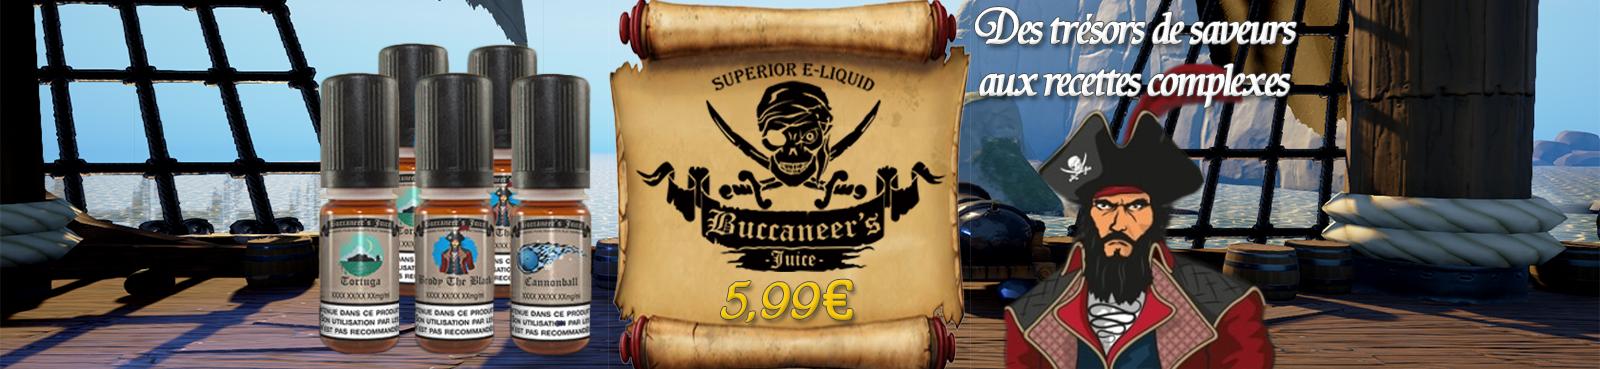 E-liquides BUCCANEER'S JUICE à 5,99€